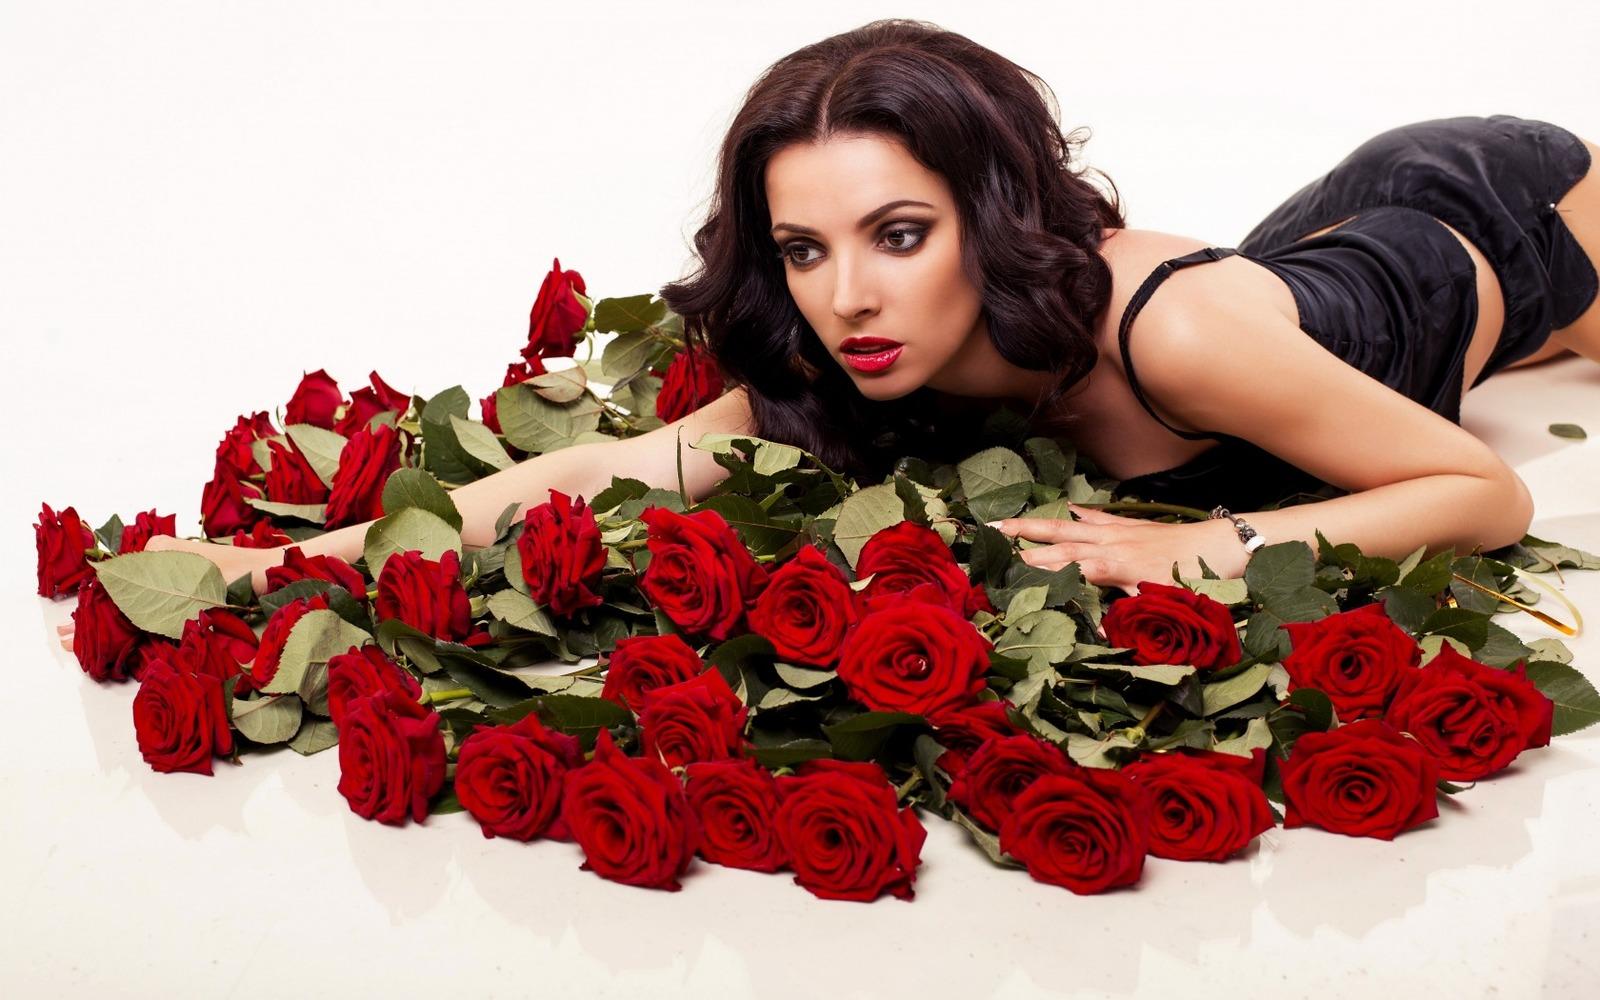 Эротика цветы любви, анал веры брежневой